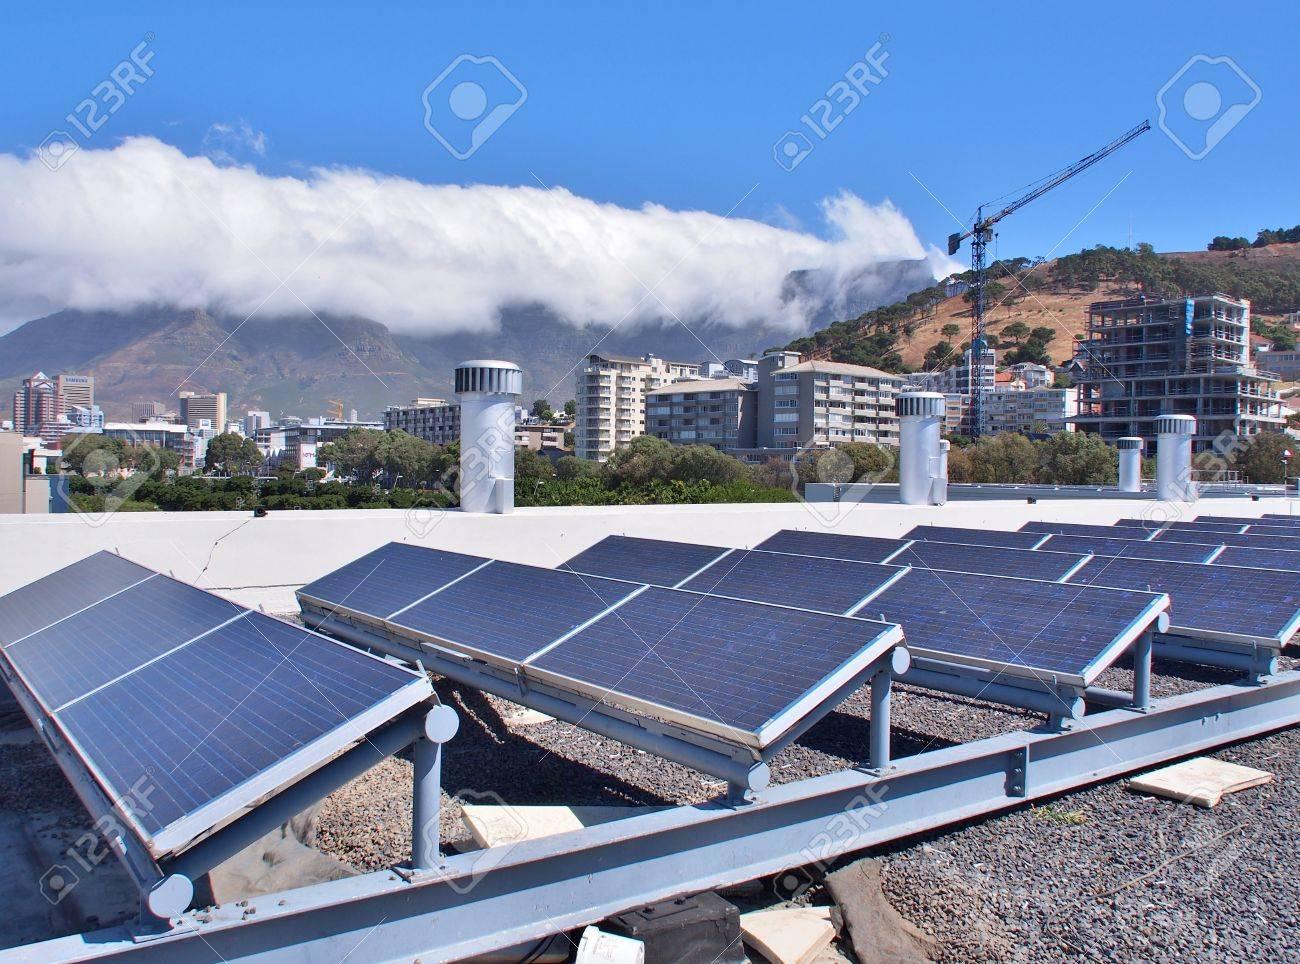 Paneles Solares O Células Solares En La Azotea O Terraza Del Edificio En Ciudad Del Cabo Sudáfrica Puede Ahorrar Energía Verde O Sol O Energía